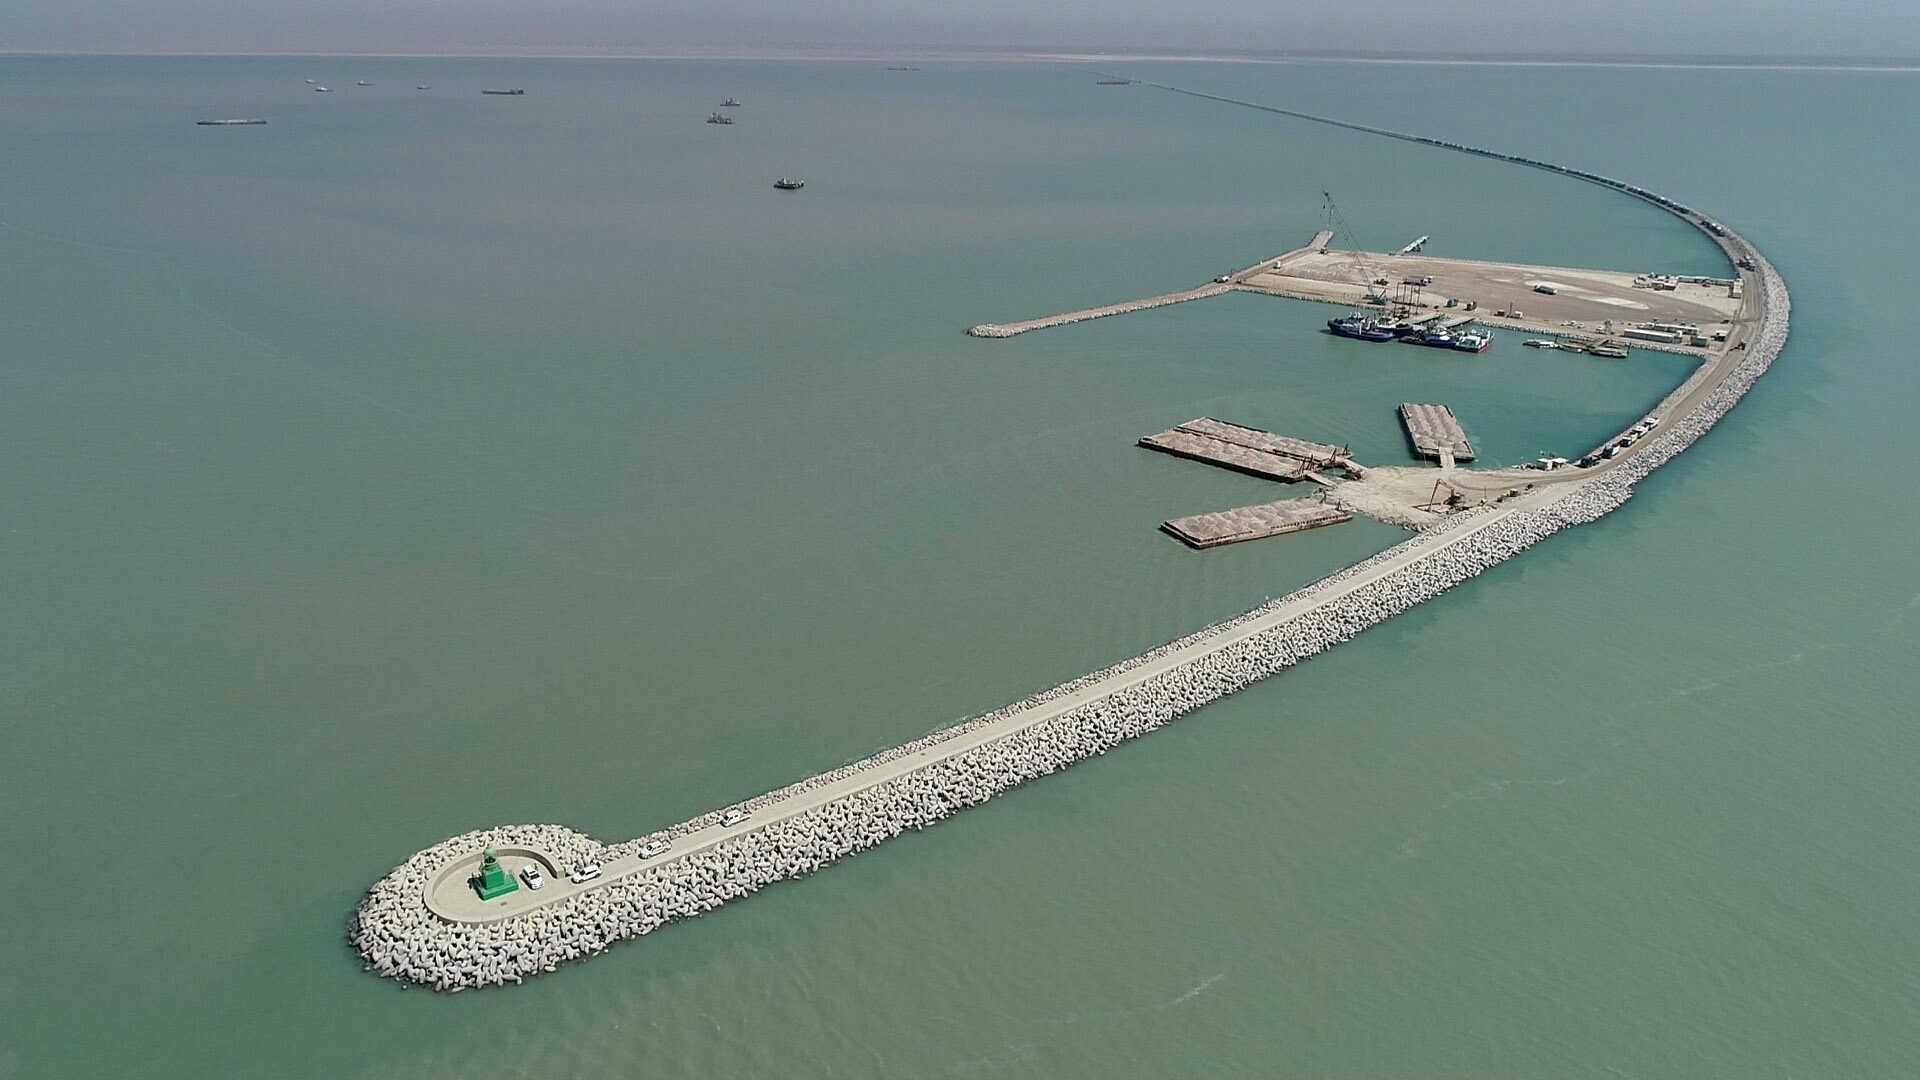 """الخدمات النيابية:مجلس الوزراء لم يقر رسميا إحالة ميناء الفاو إلى شركة """"دايو""""الكورية"""